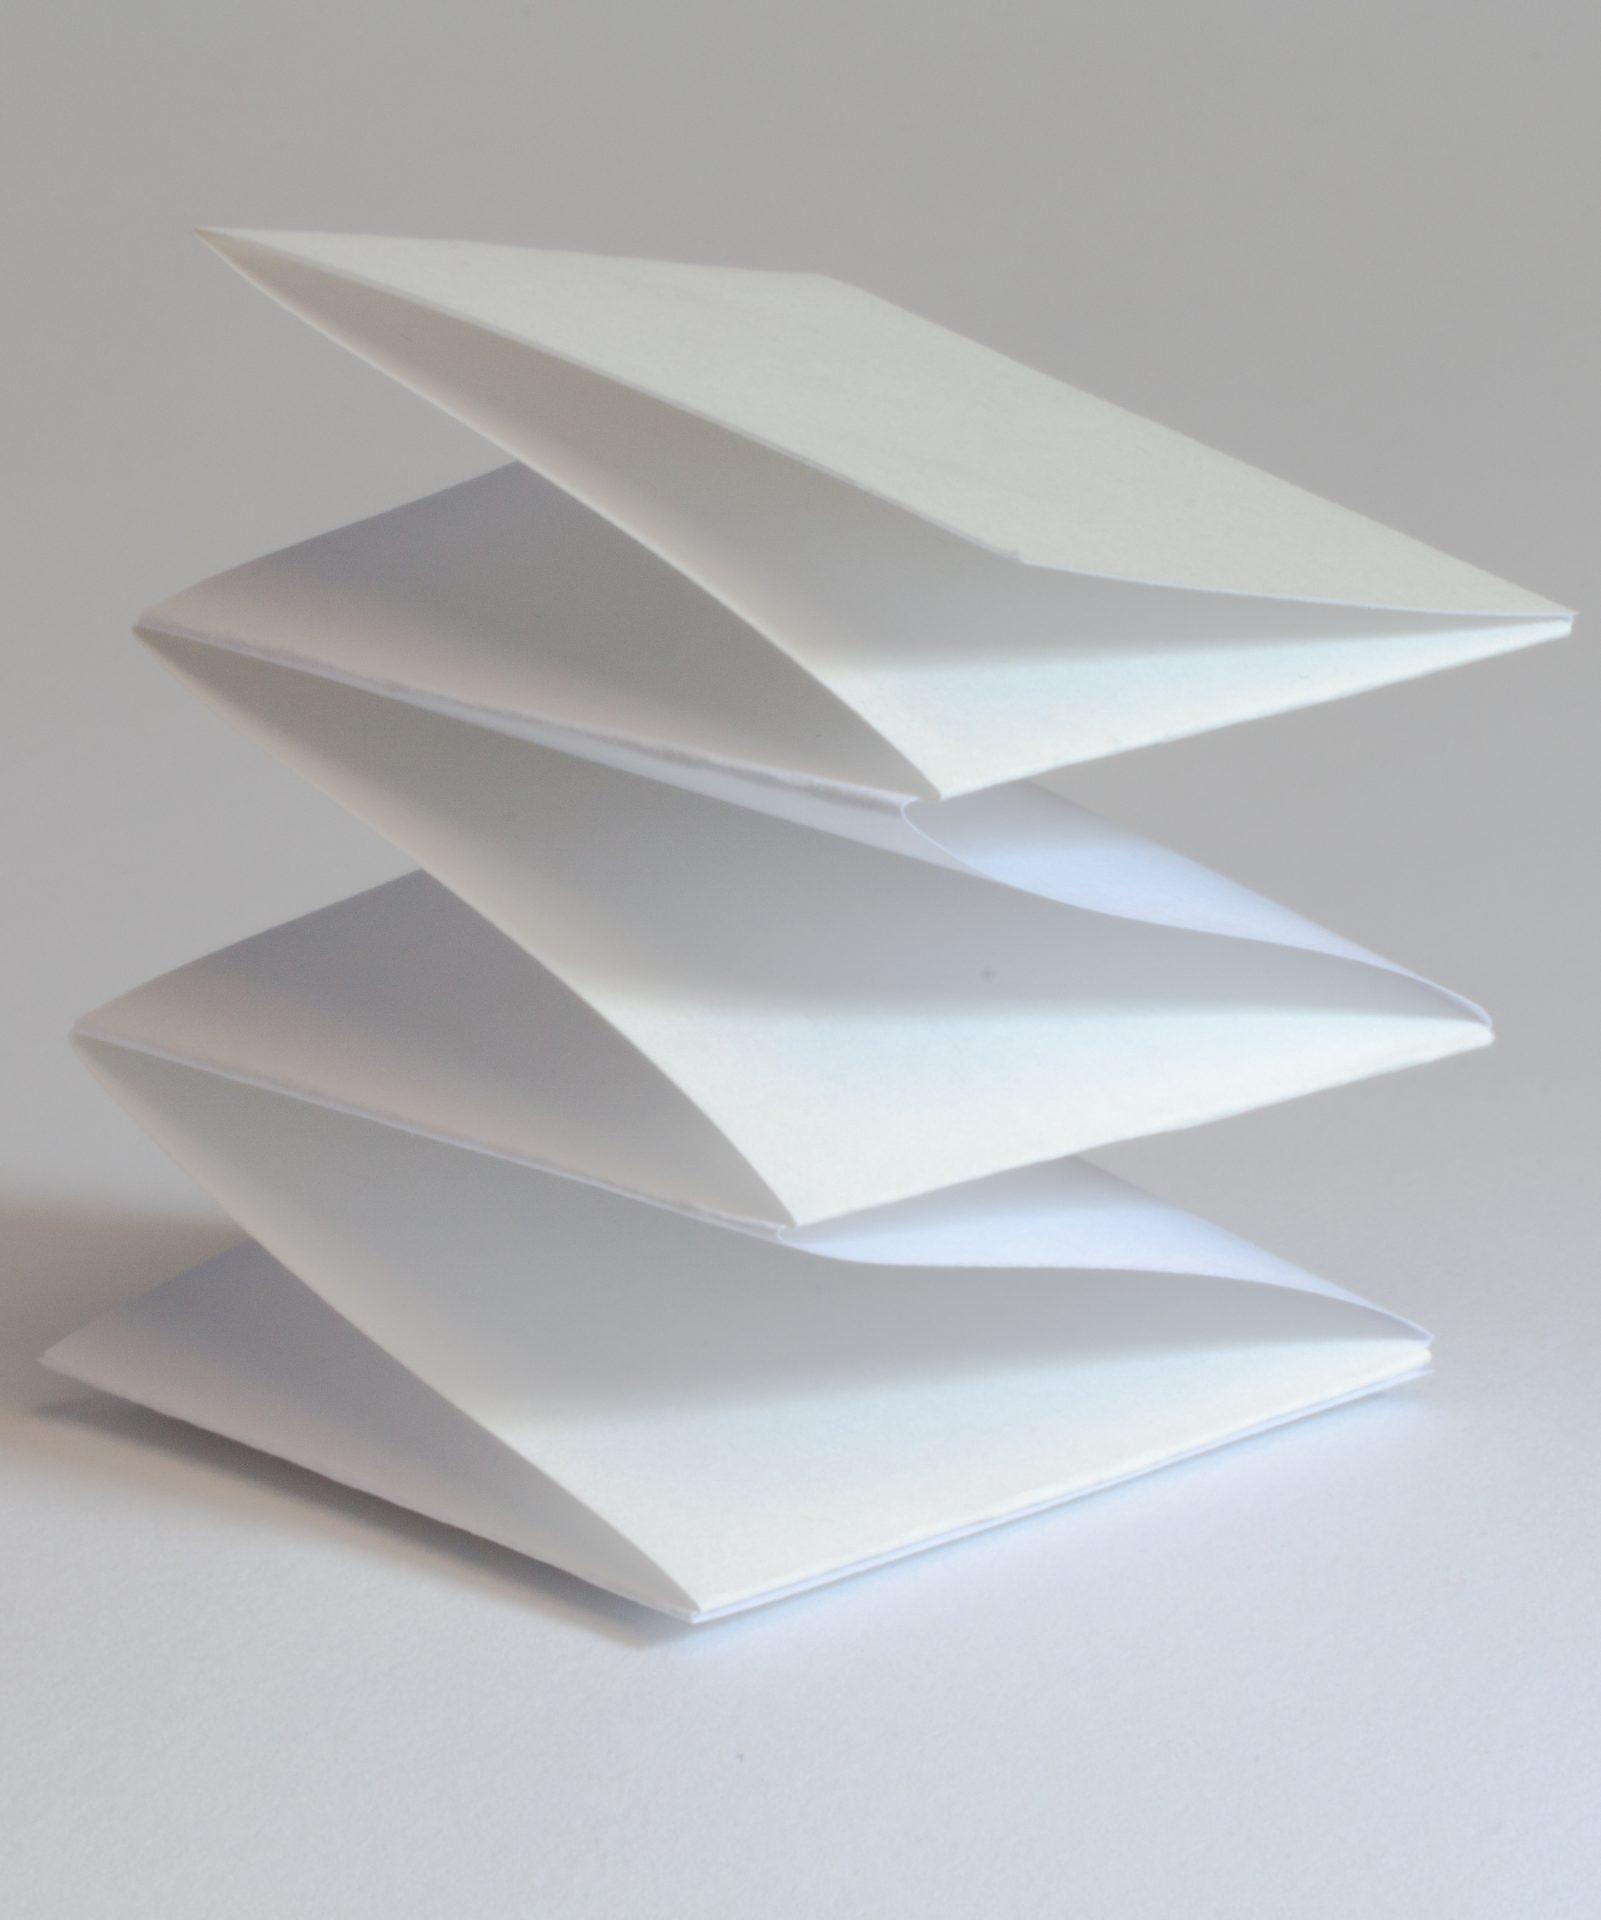 Origami für Fotomontage auf Plakat - Typoly